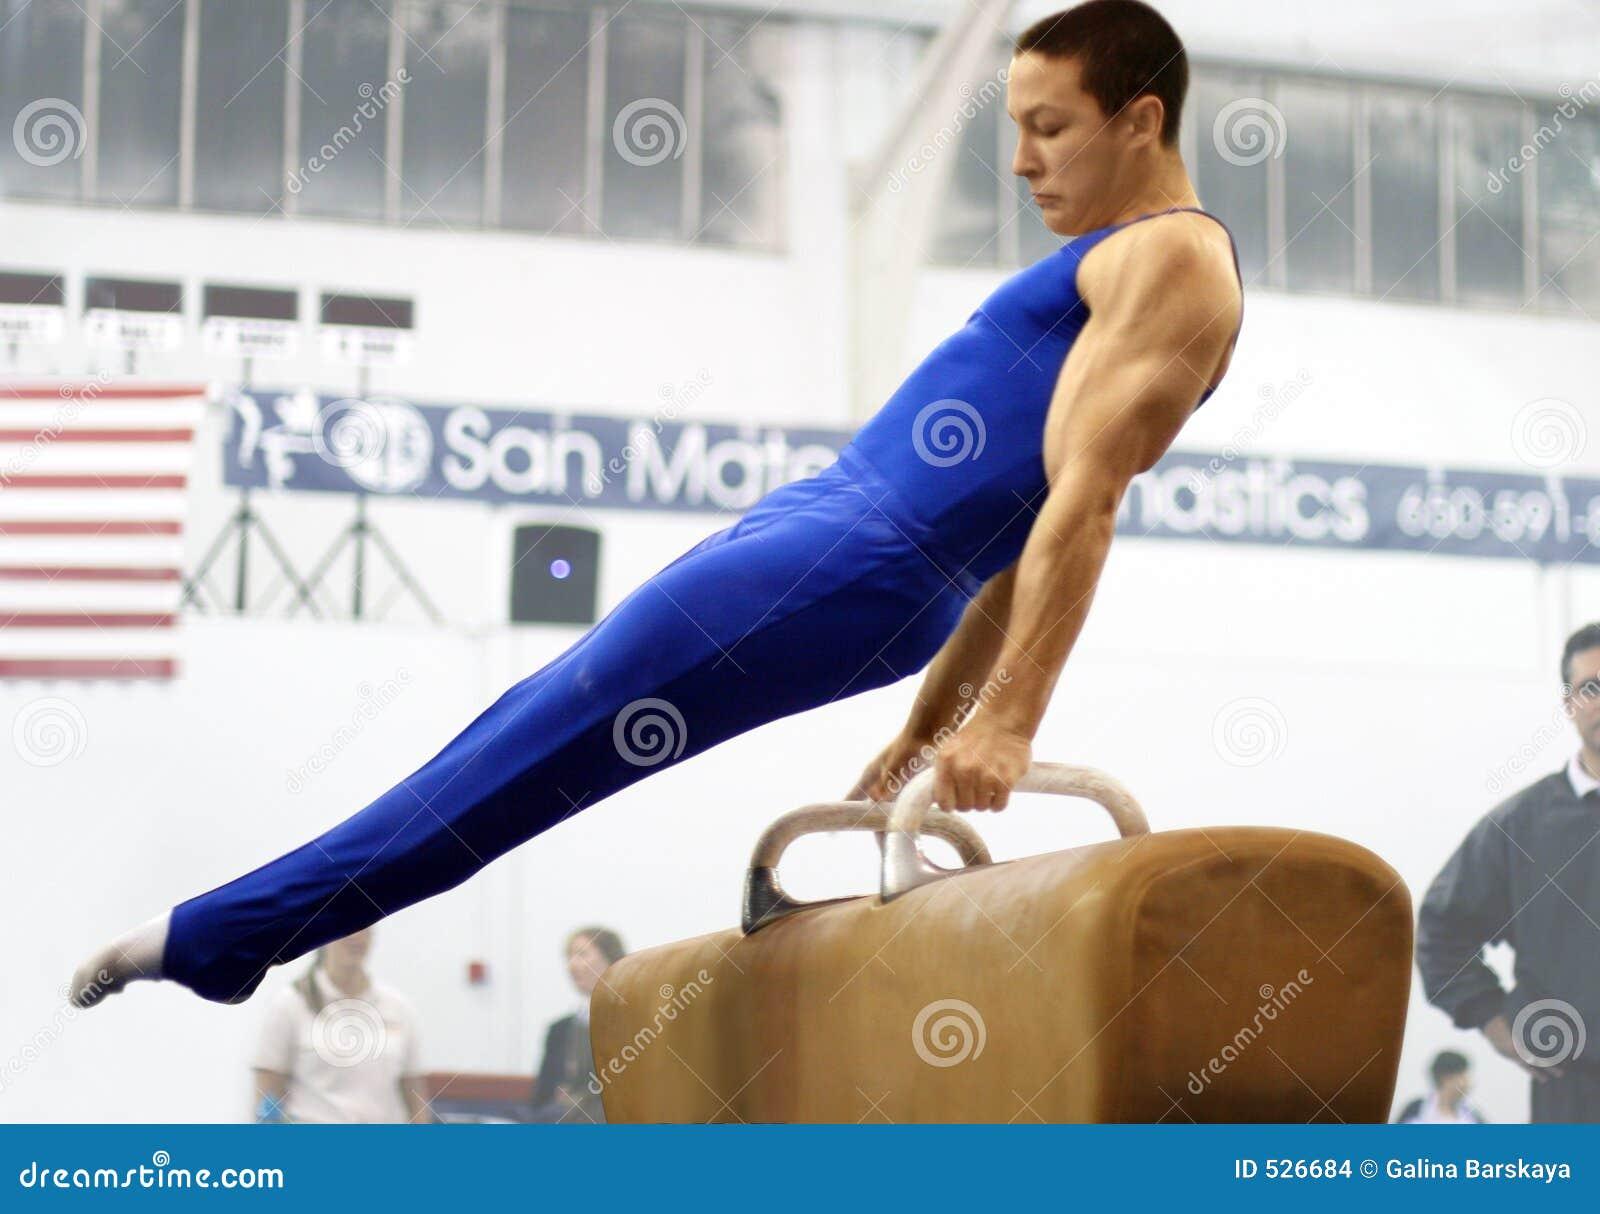 Download 体操运动员鞍头 库存照片. 图片 包括有 体操运动员, 活动家, 冠军, 肌肉, 口角, 力量, 培训, 运动 - 526684